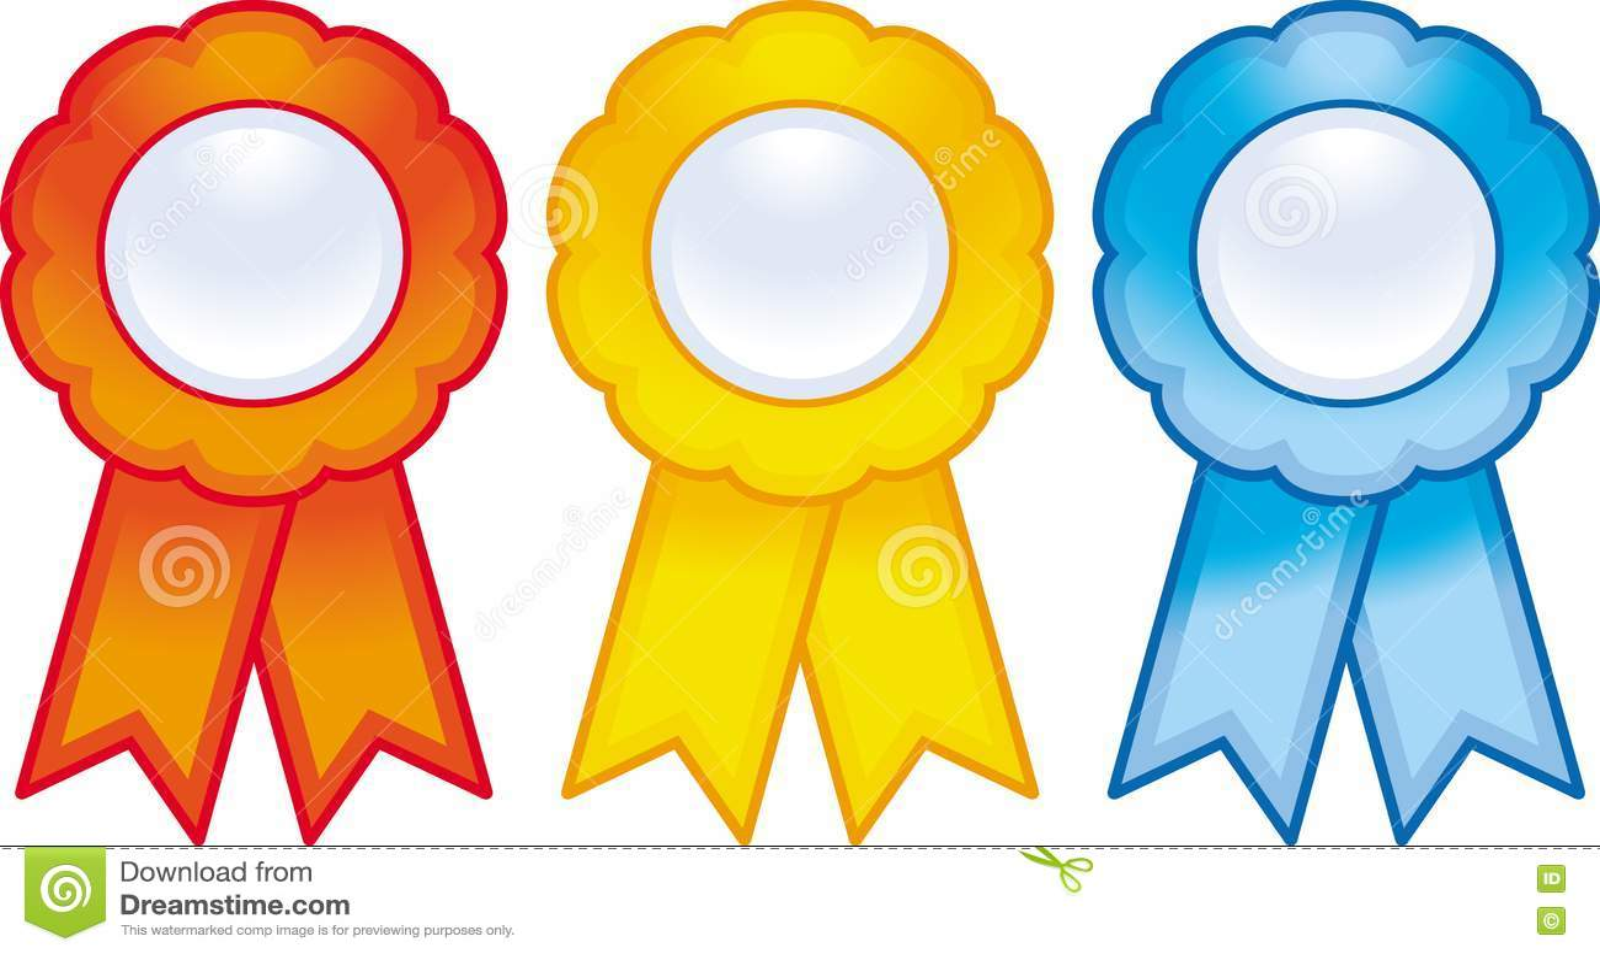 Award Ribbons Vector Stock Images